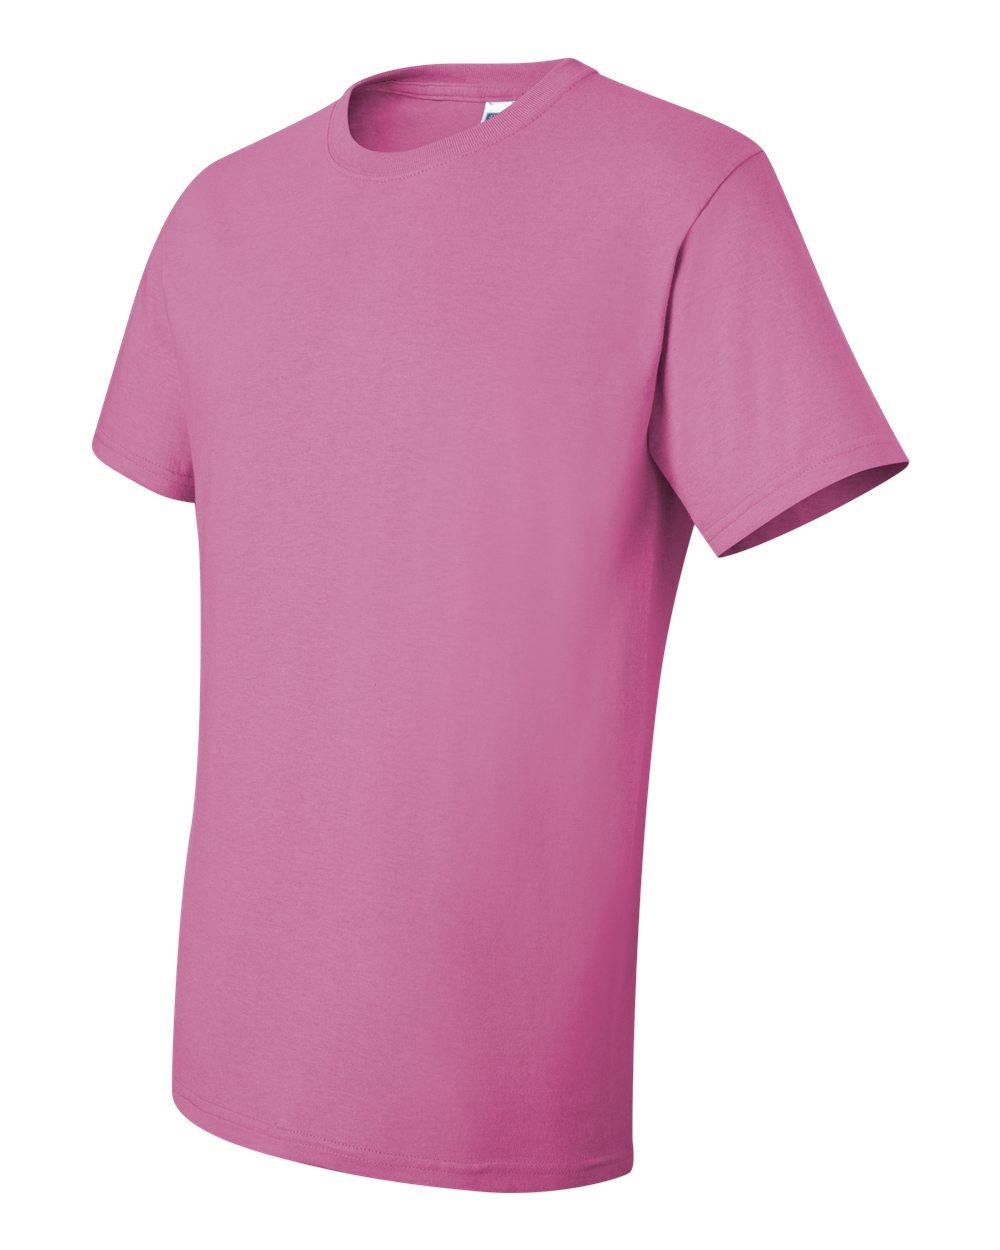 Jerzees-Men-039-s-5-6-oz-50-50-Heavyweight-Blend-T-Shirt-29M-S-4XL thumbnail 63